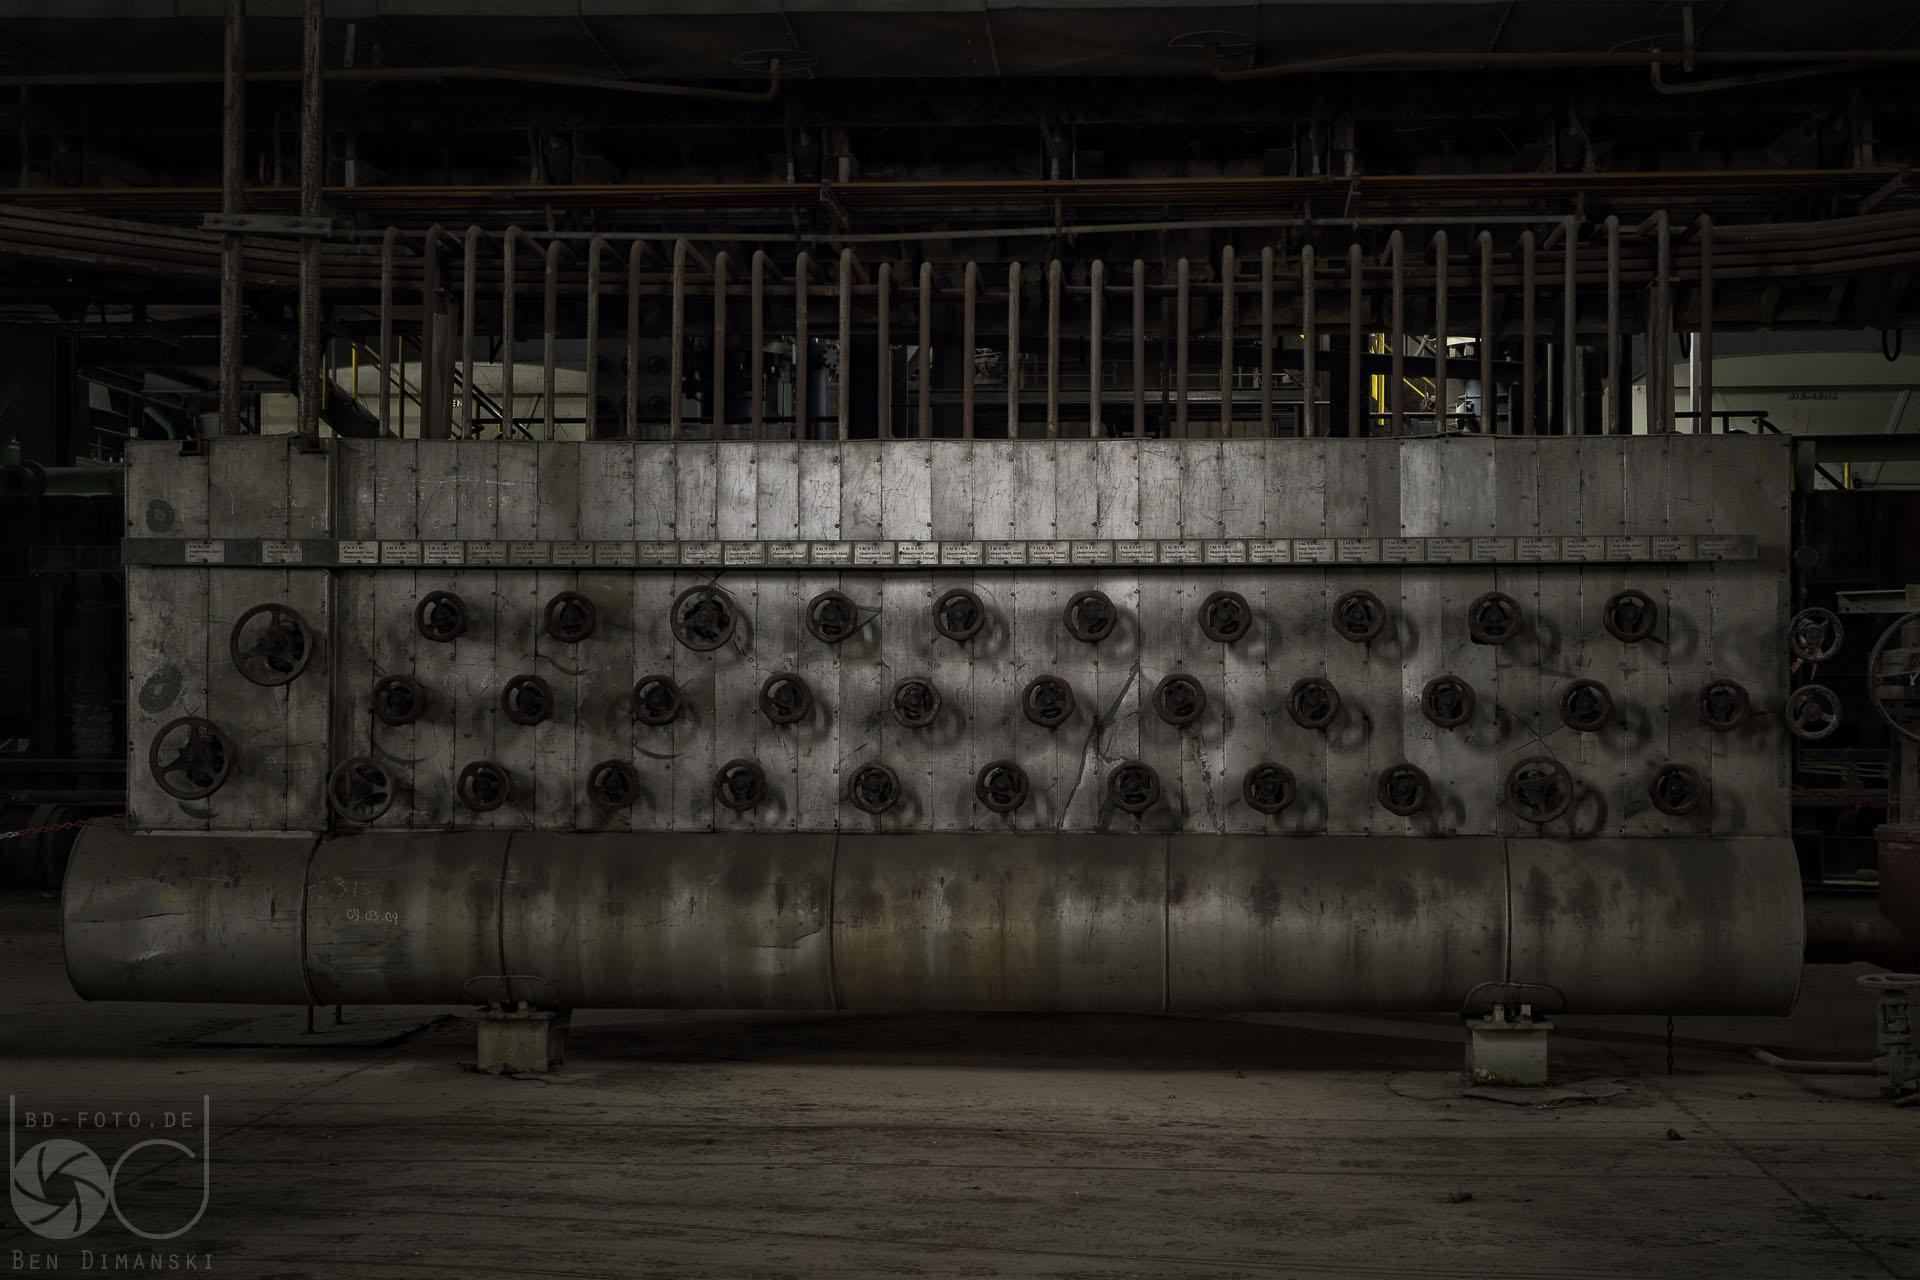 Ziemlich Kraftwerk Kessel Bilder - Der Schaltplan - triangre.info